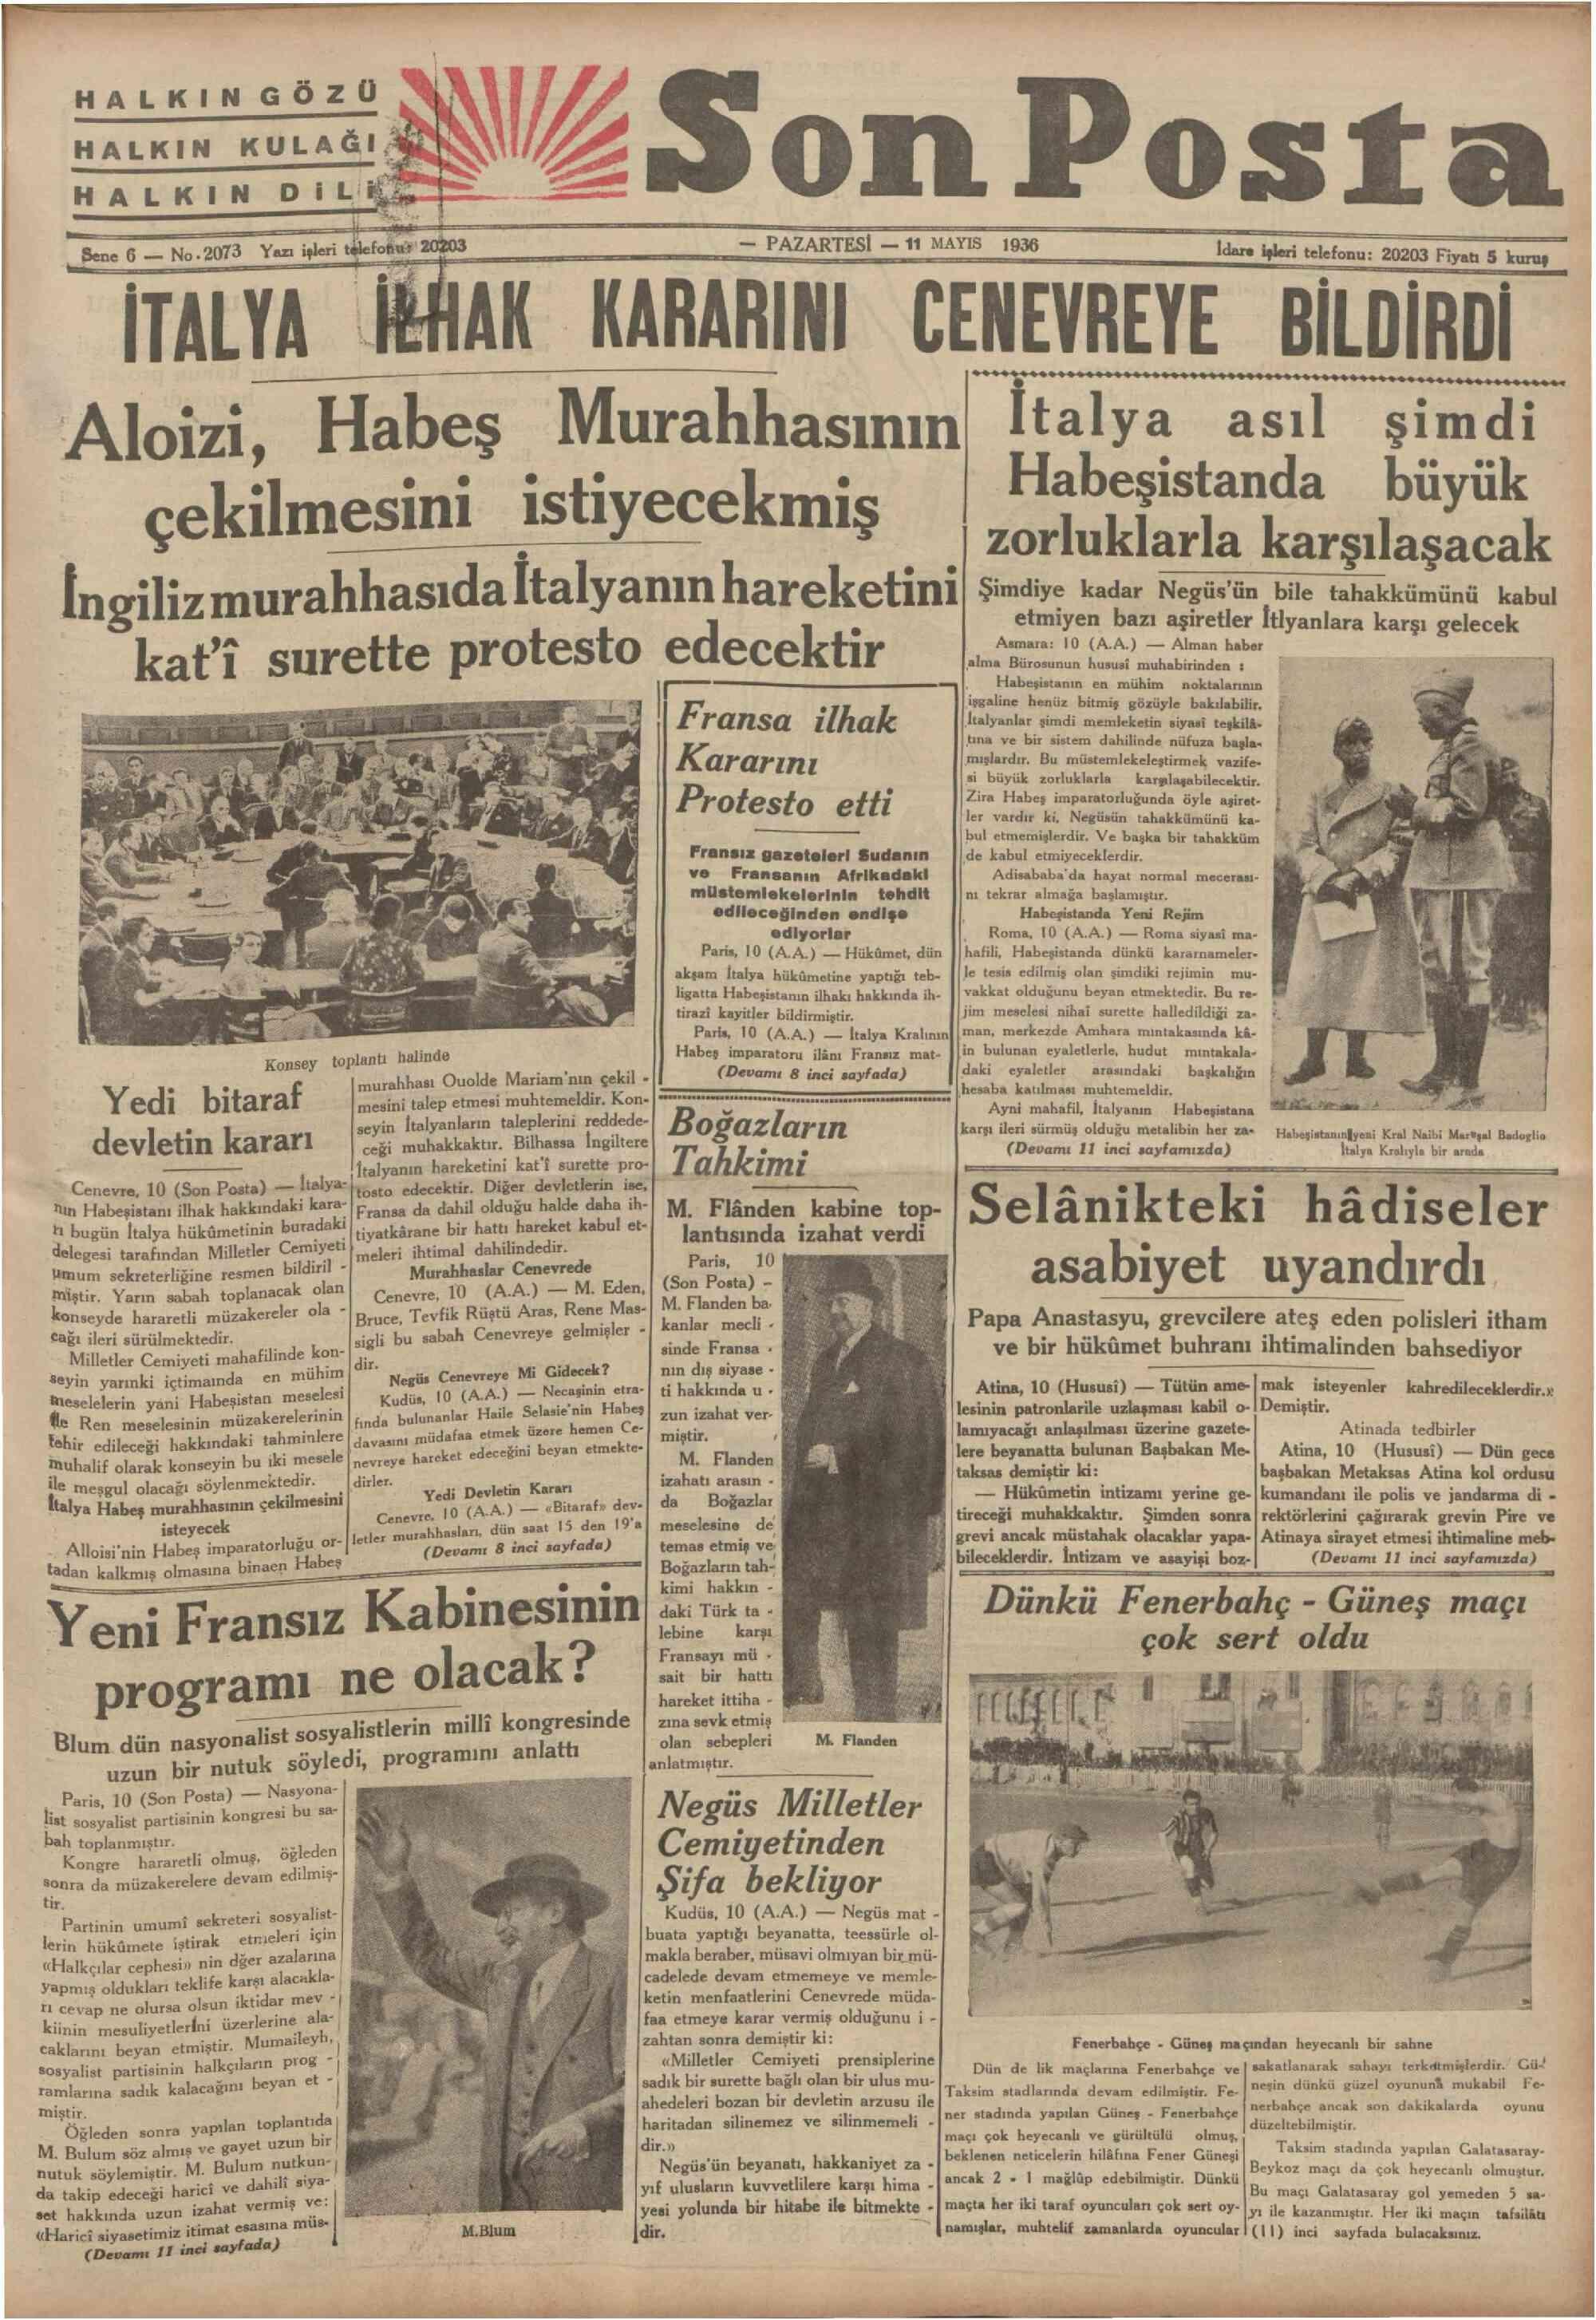 11 Mayıs 1936 Tarihli Son Posta Gazetesi Sayfa 1